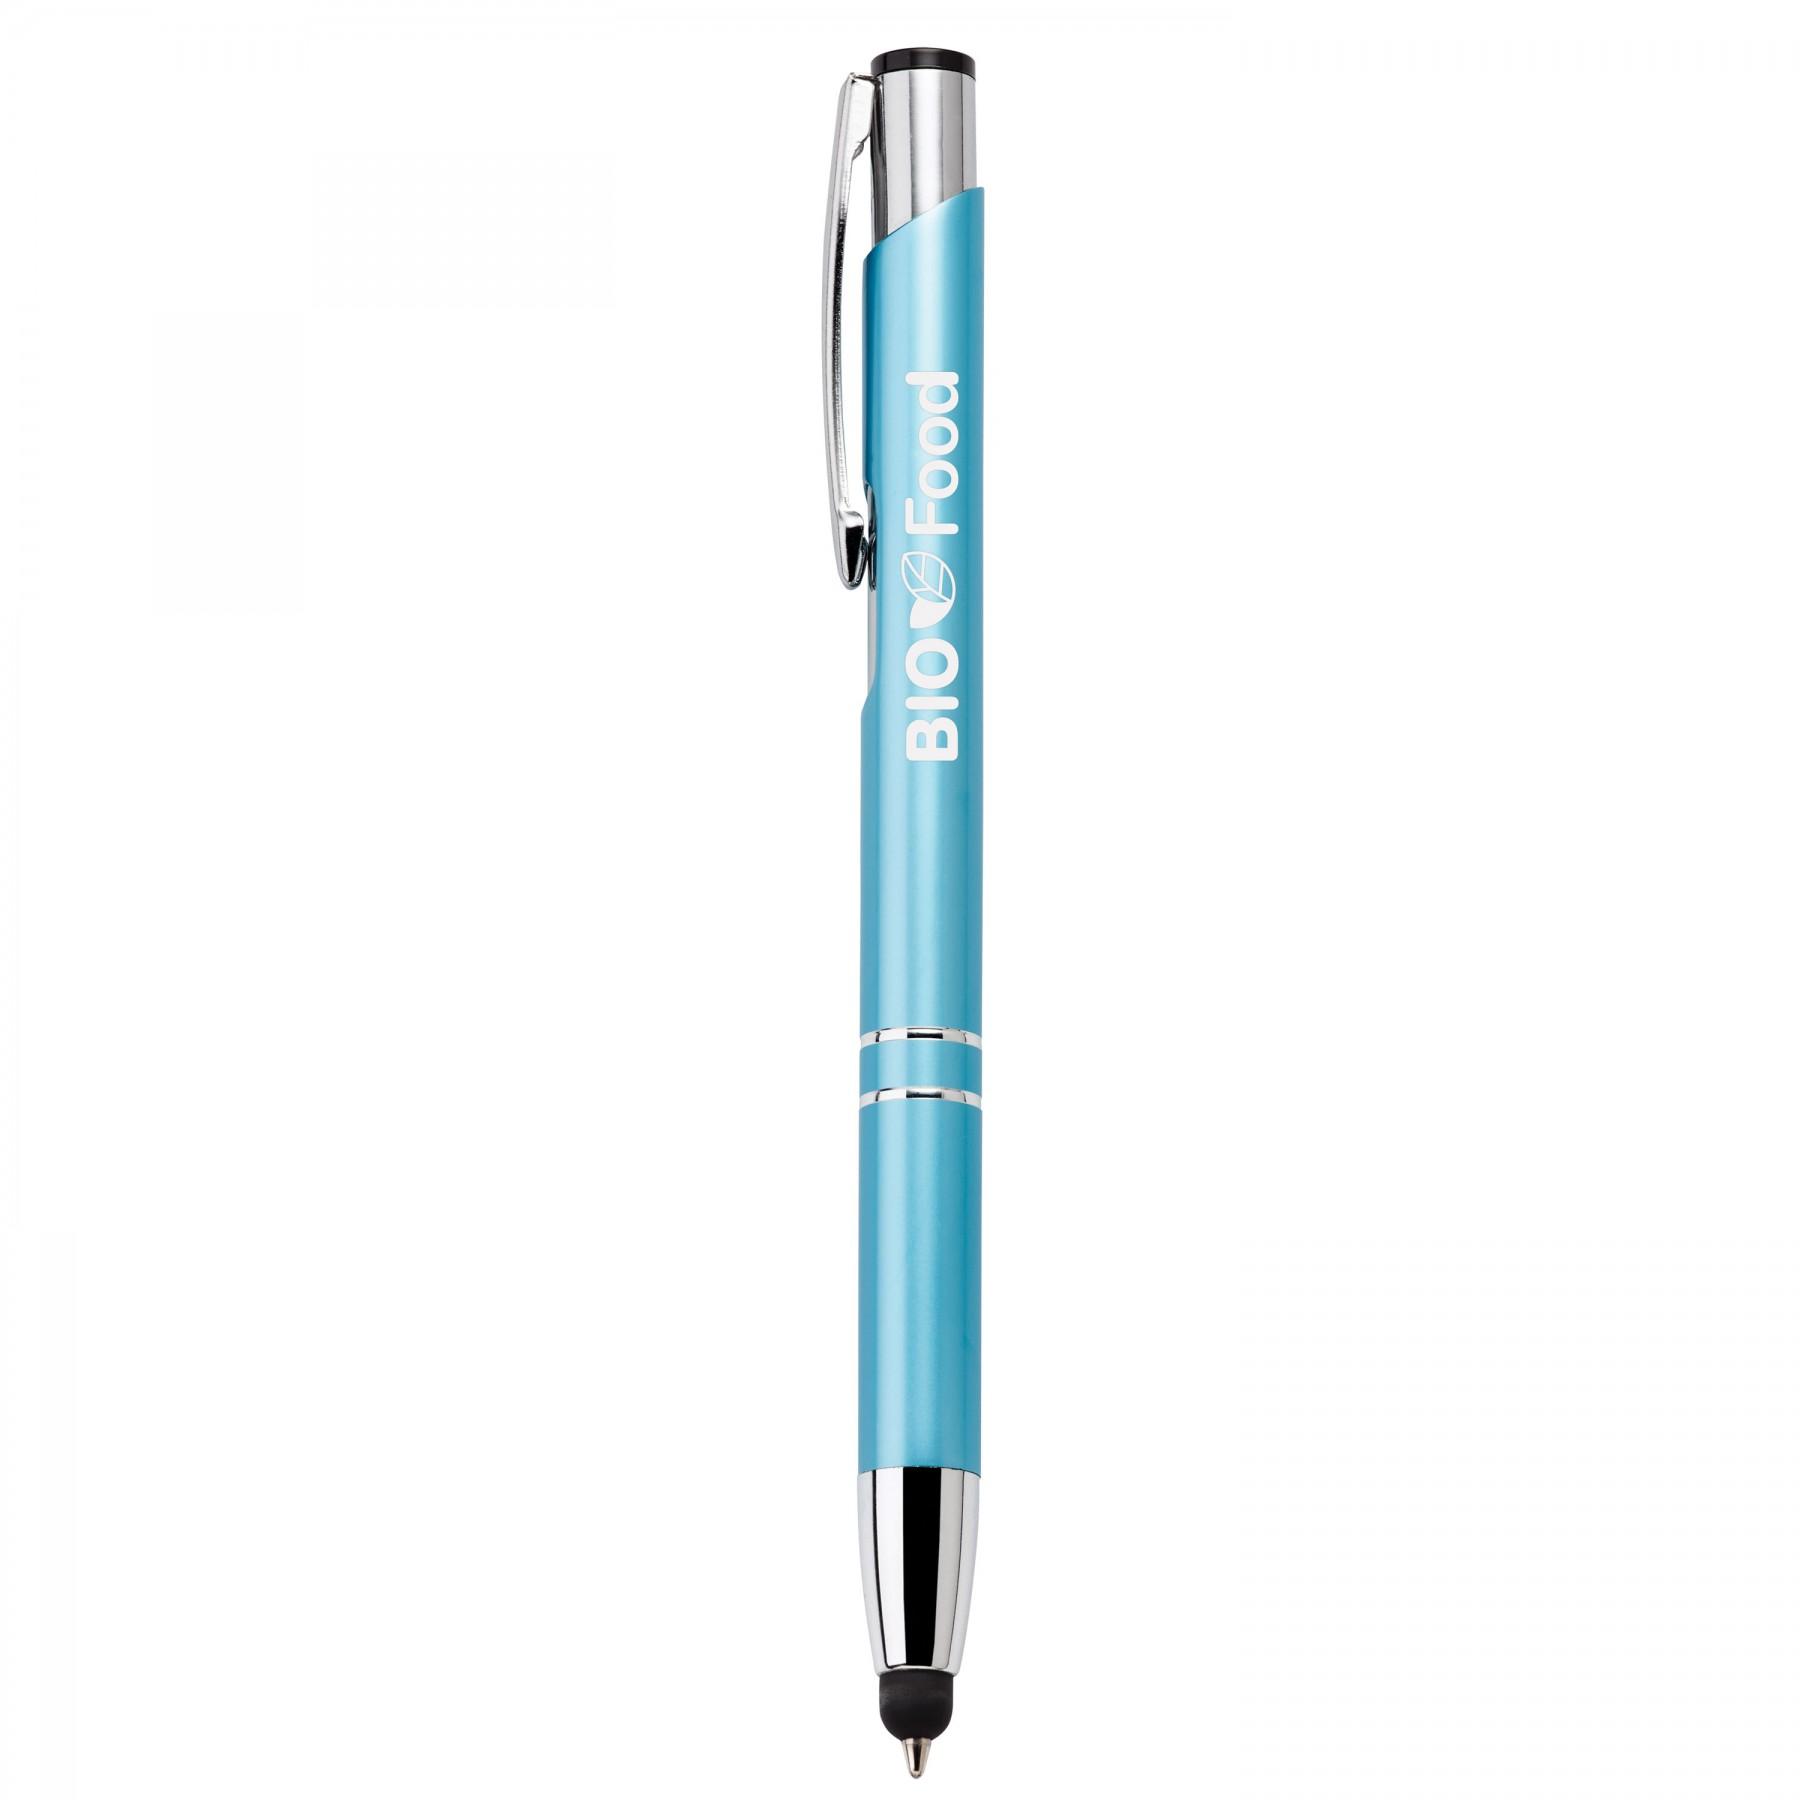 Ali Stylus/Pen, I136, Laser Engraved